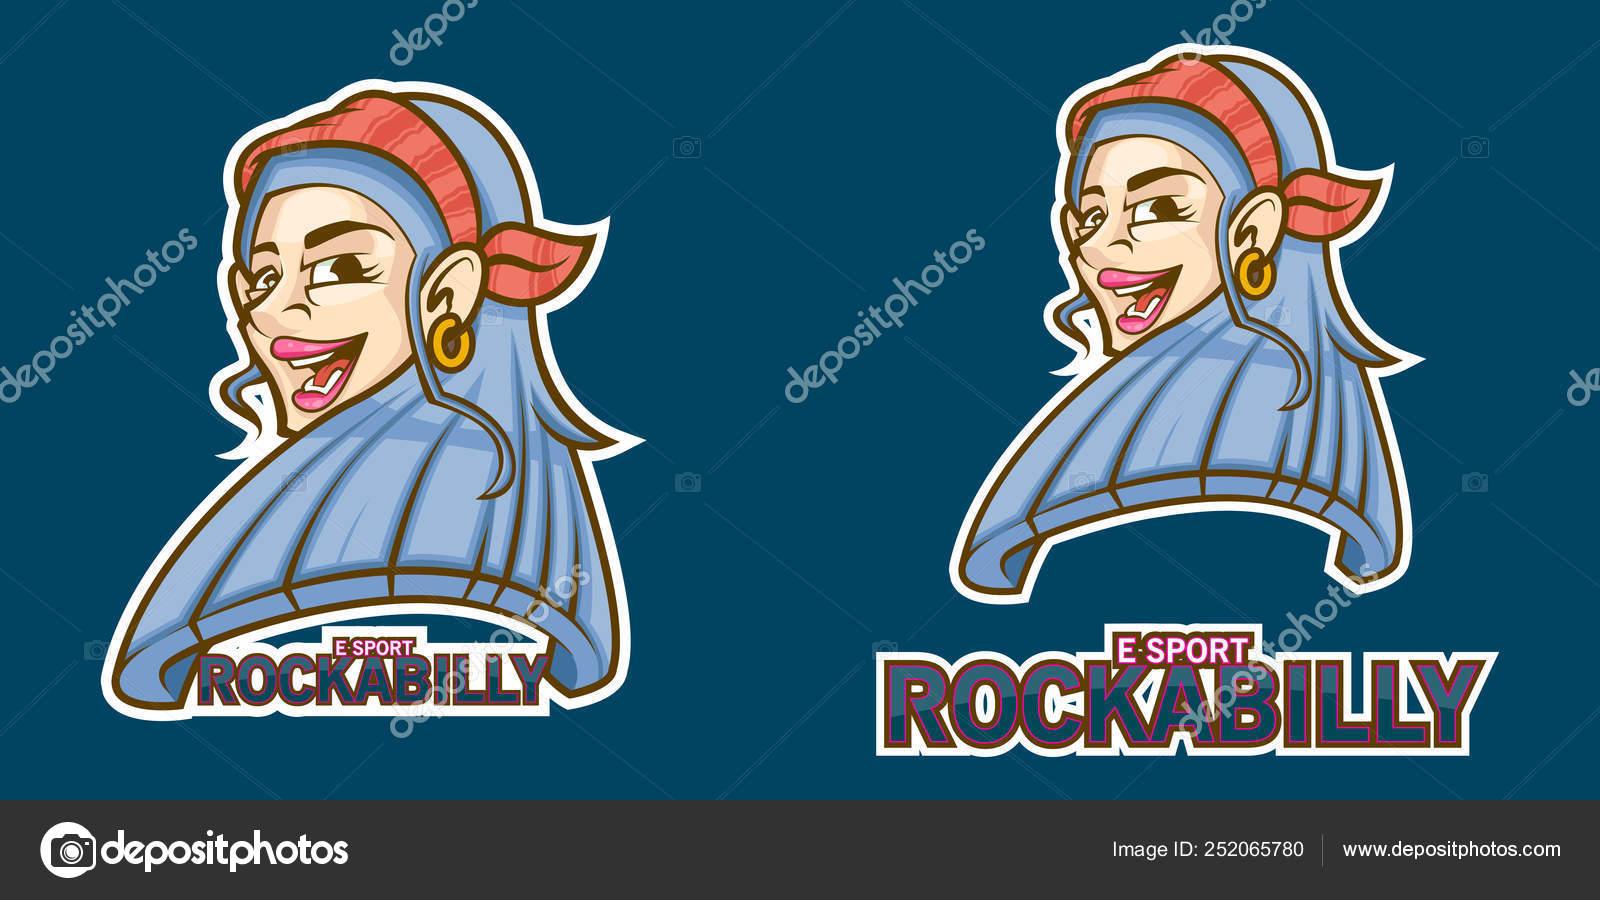 Rockabilly Chica Esports Logotipo Con Bandana Roja Vector